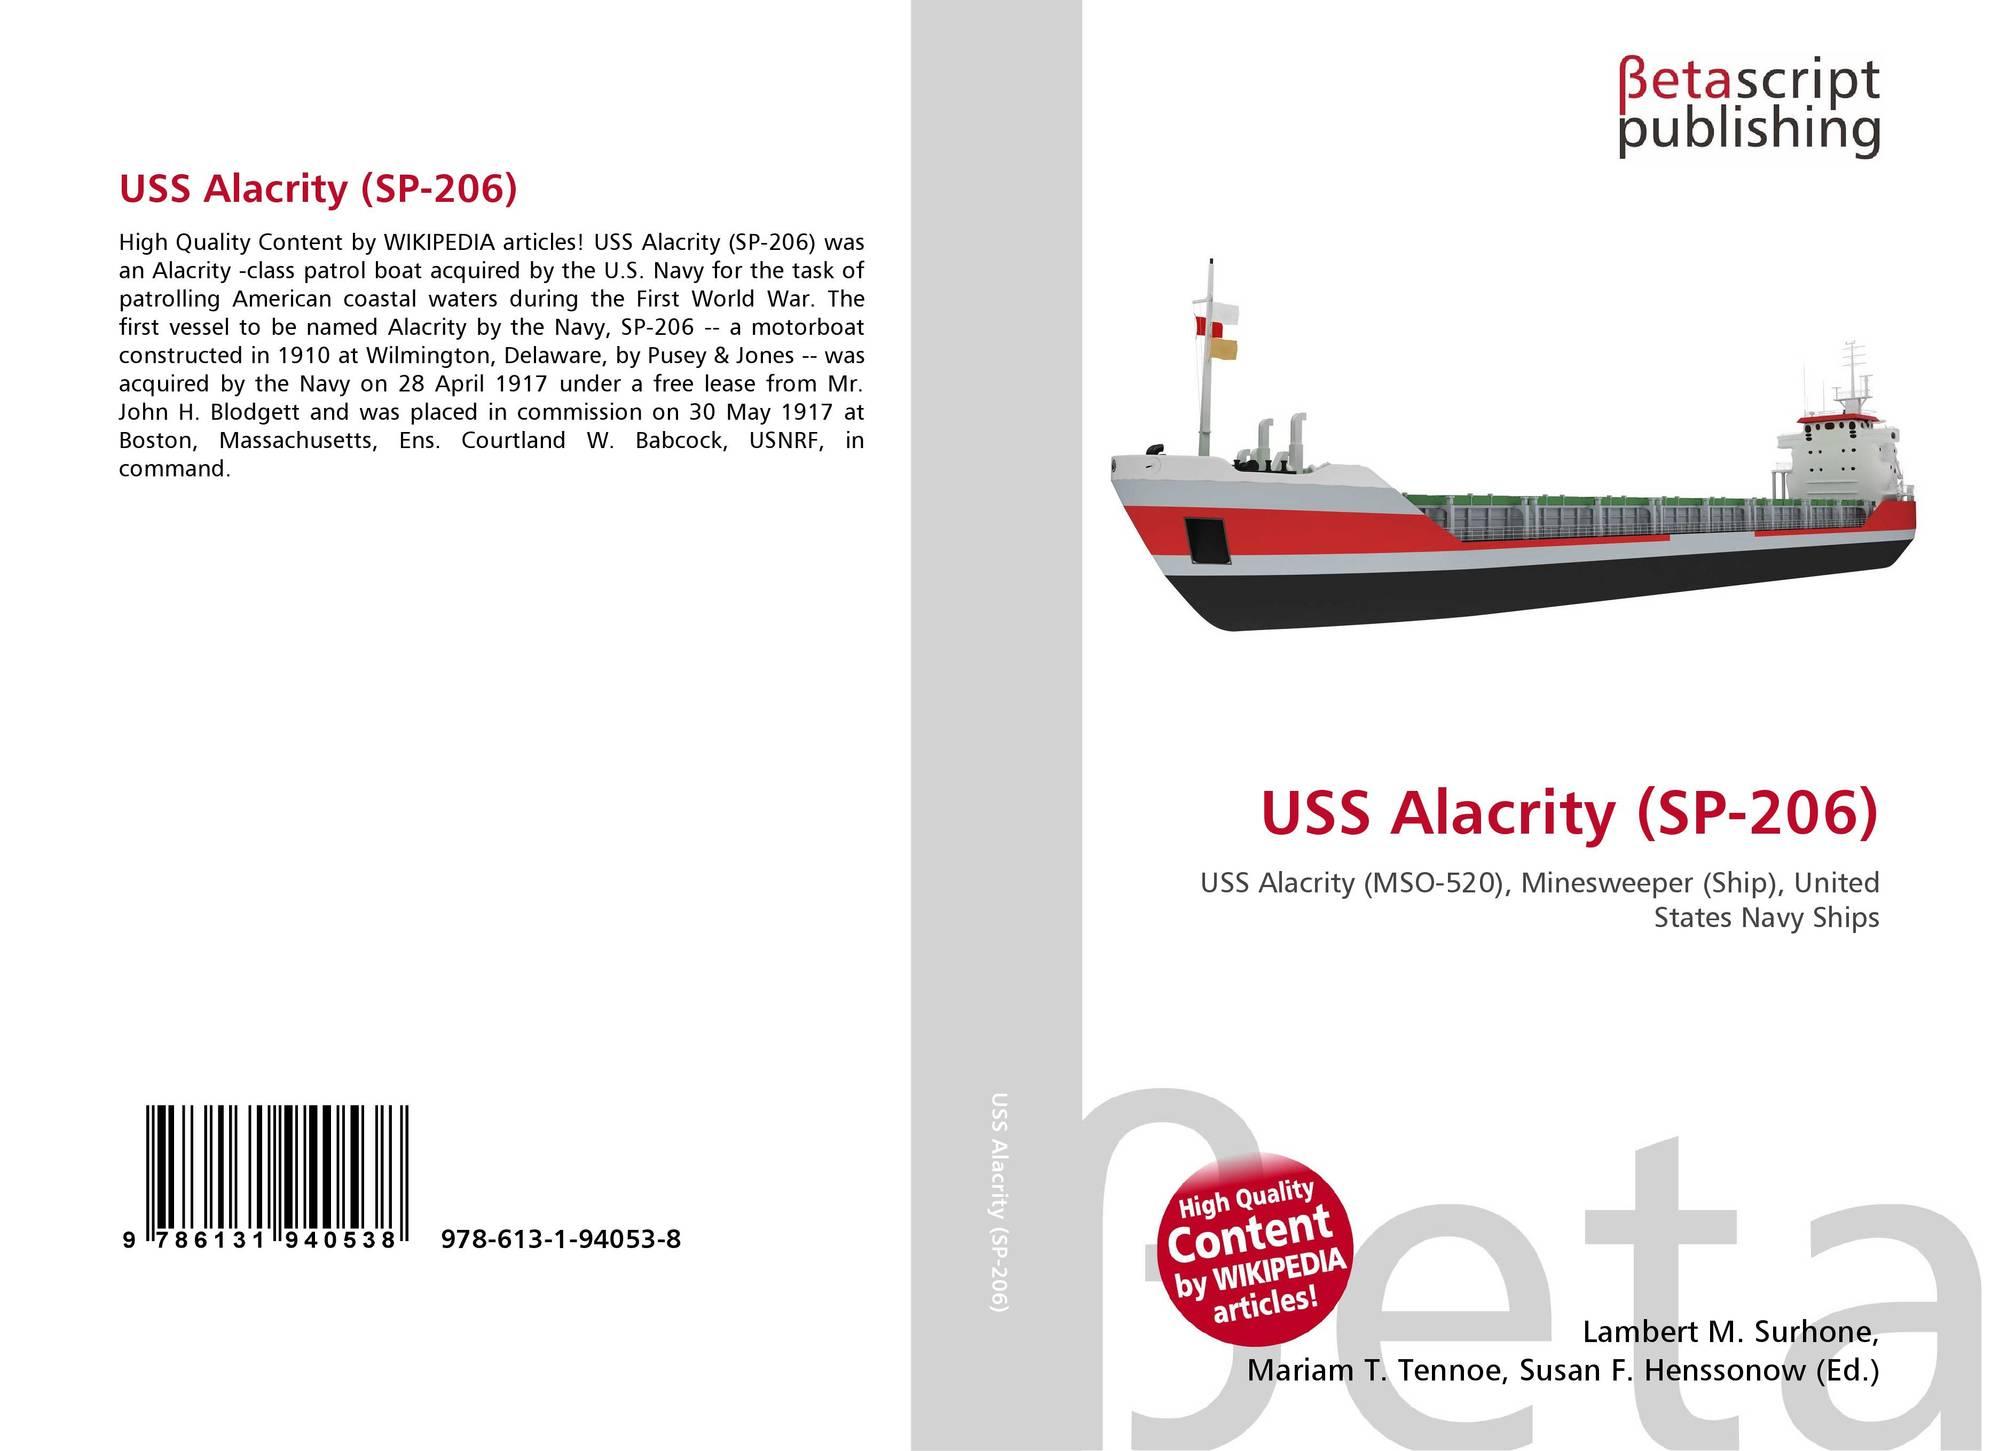 USS Alacrity (SP-206), 978-613-1-94053-8, 6131940533 ,9786131940538